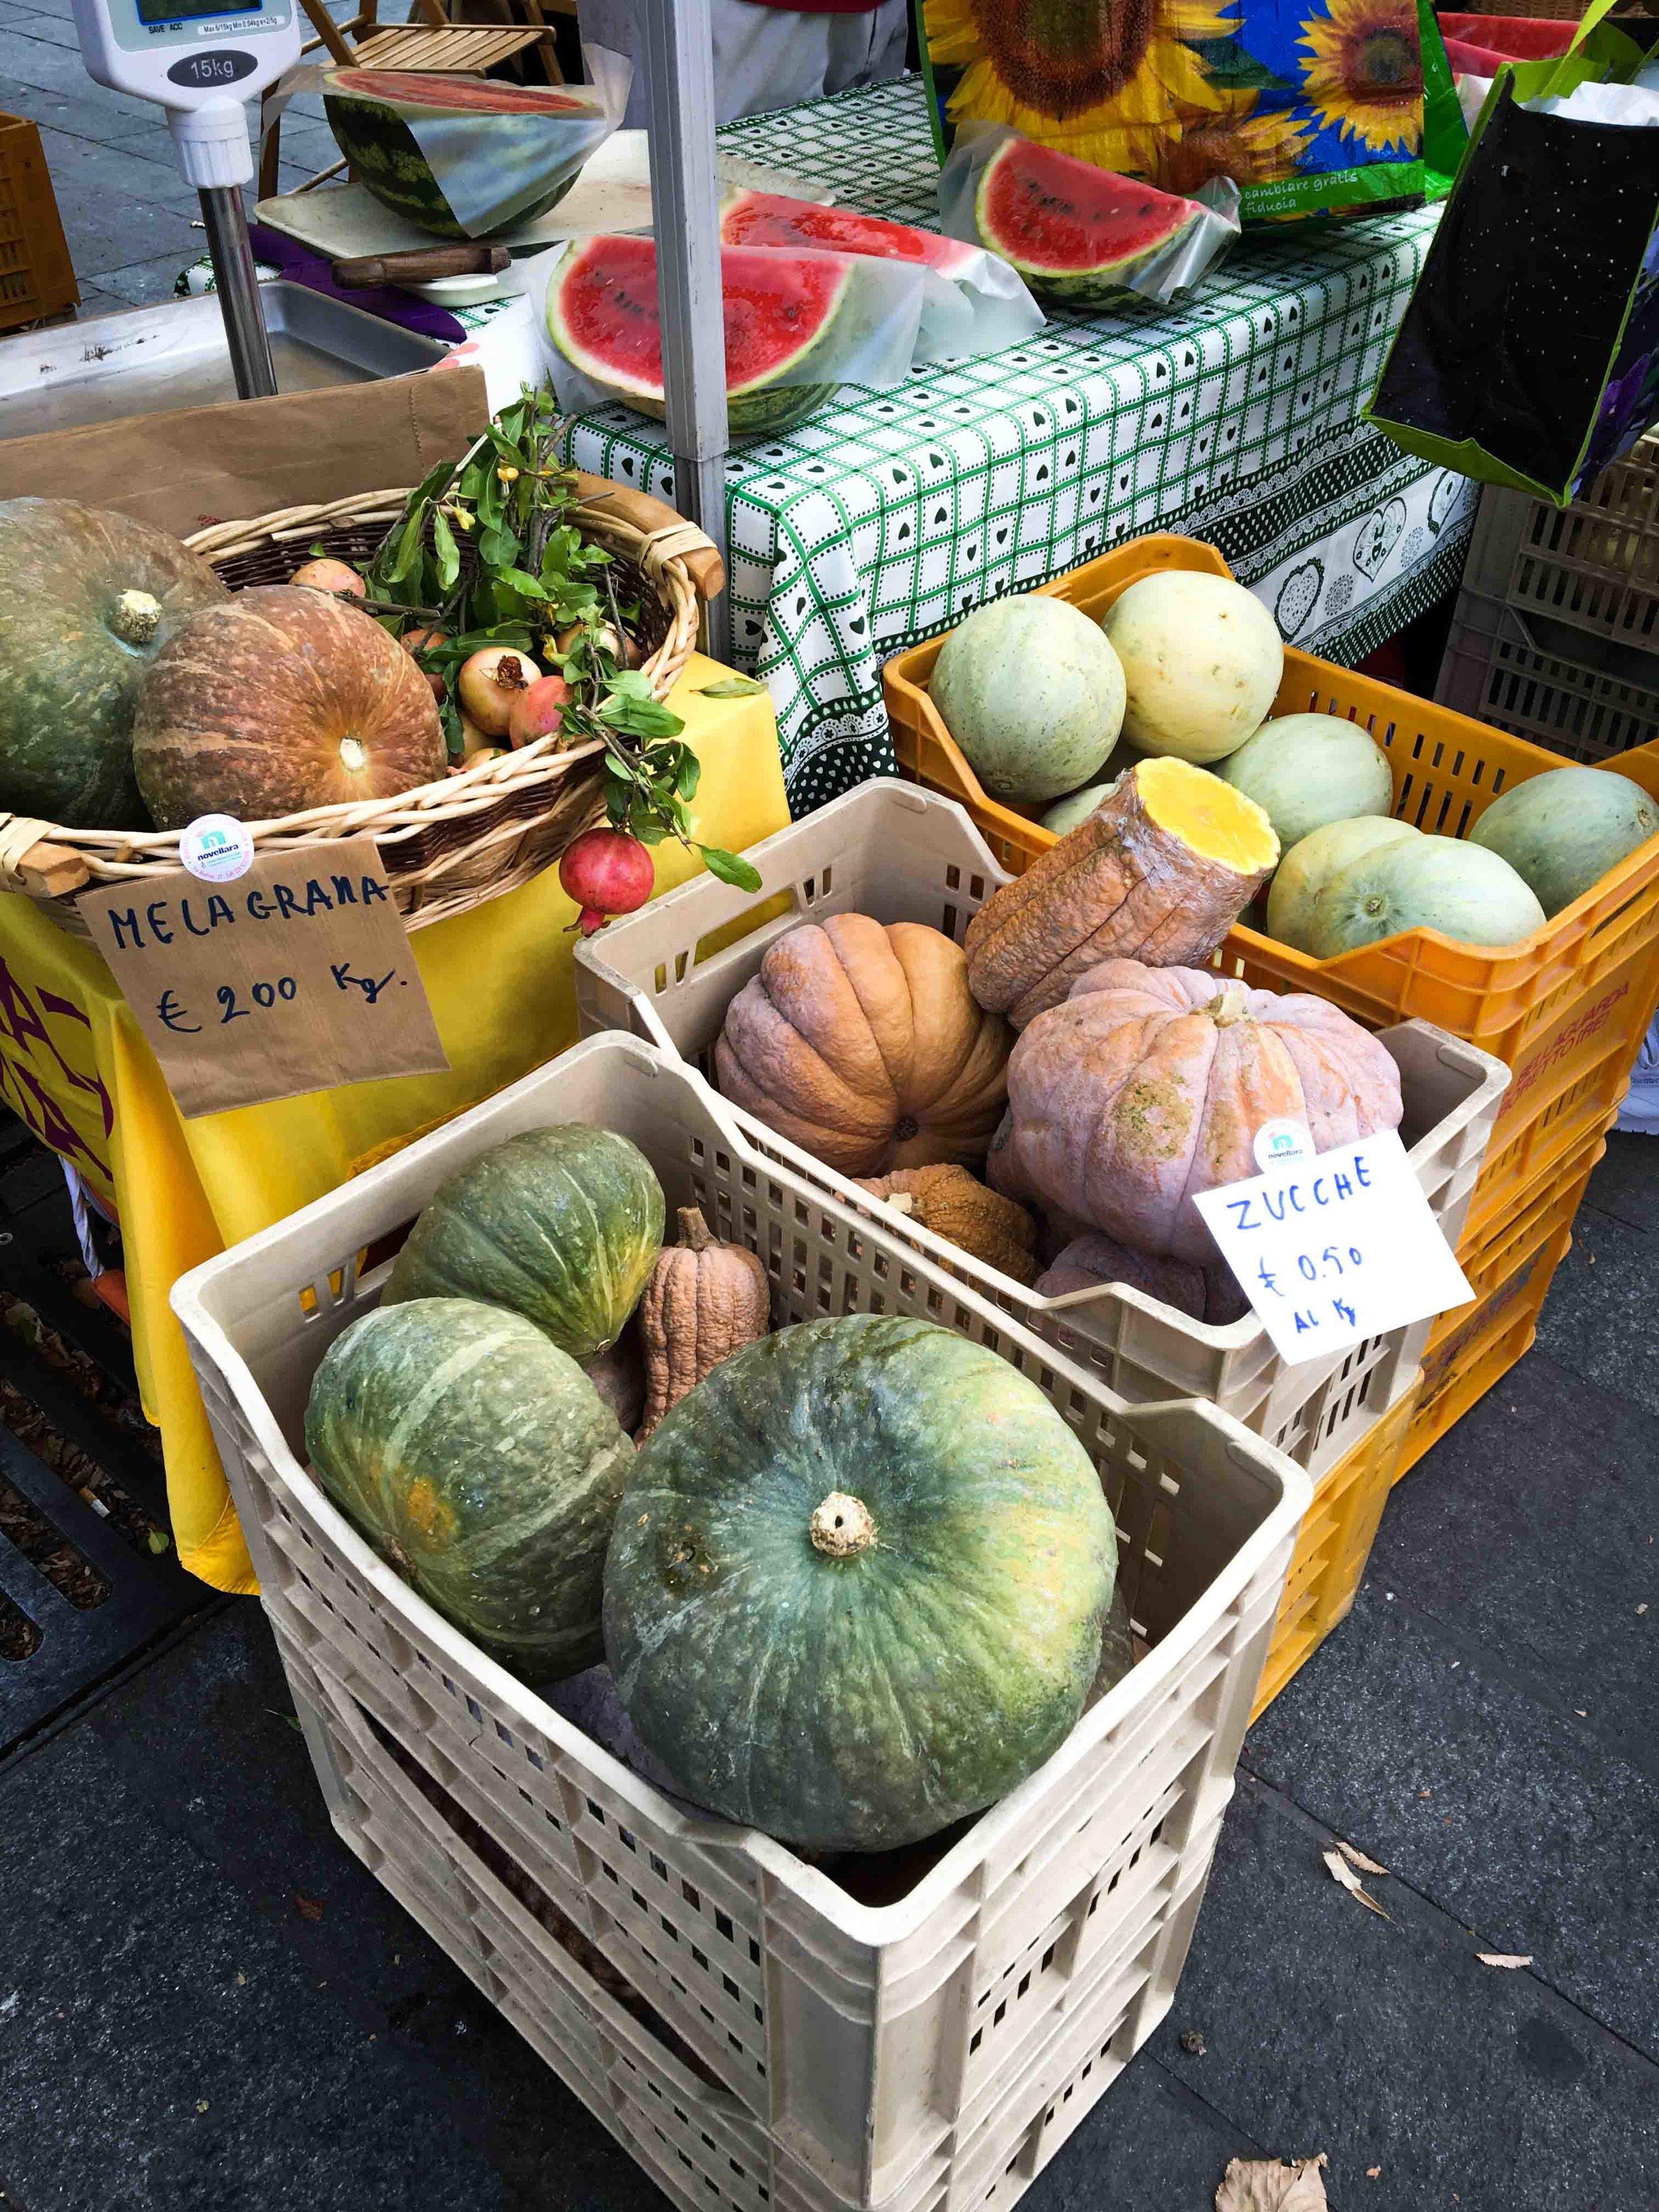 Saturday market - Autumn produce